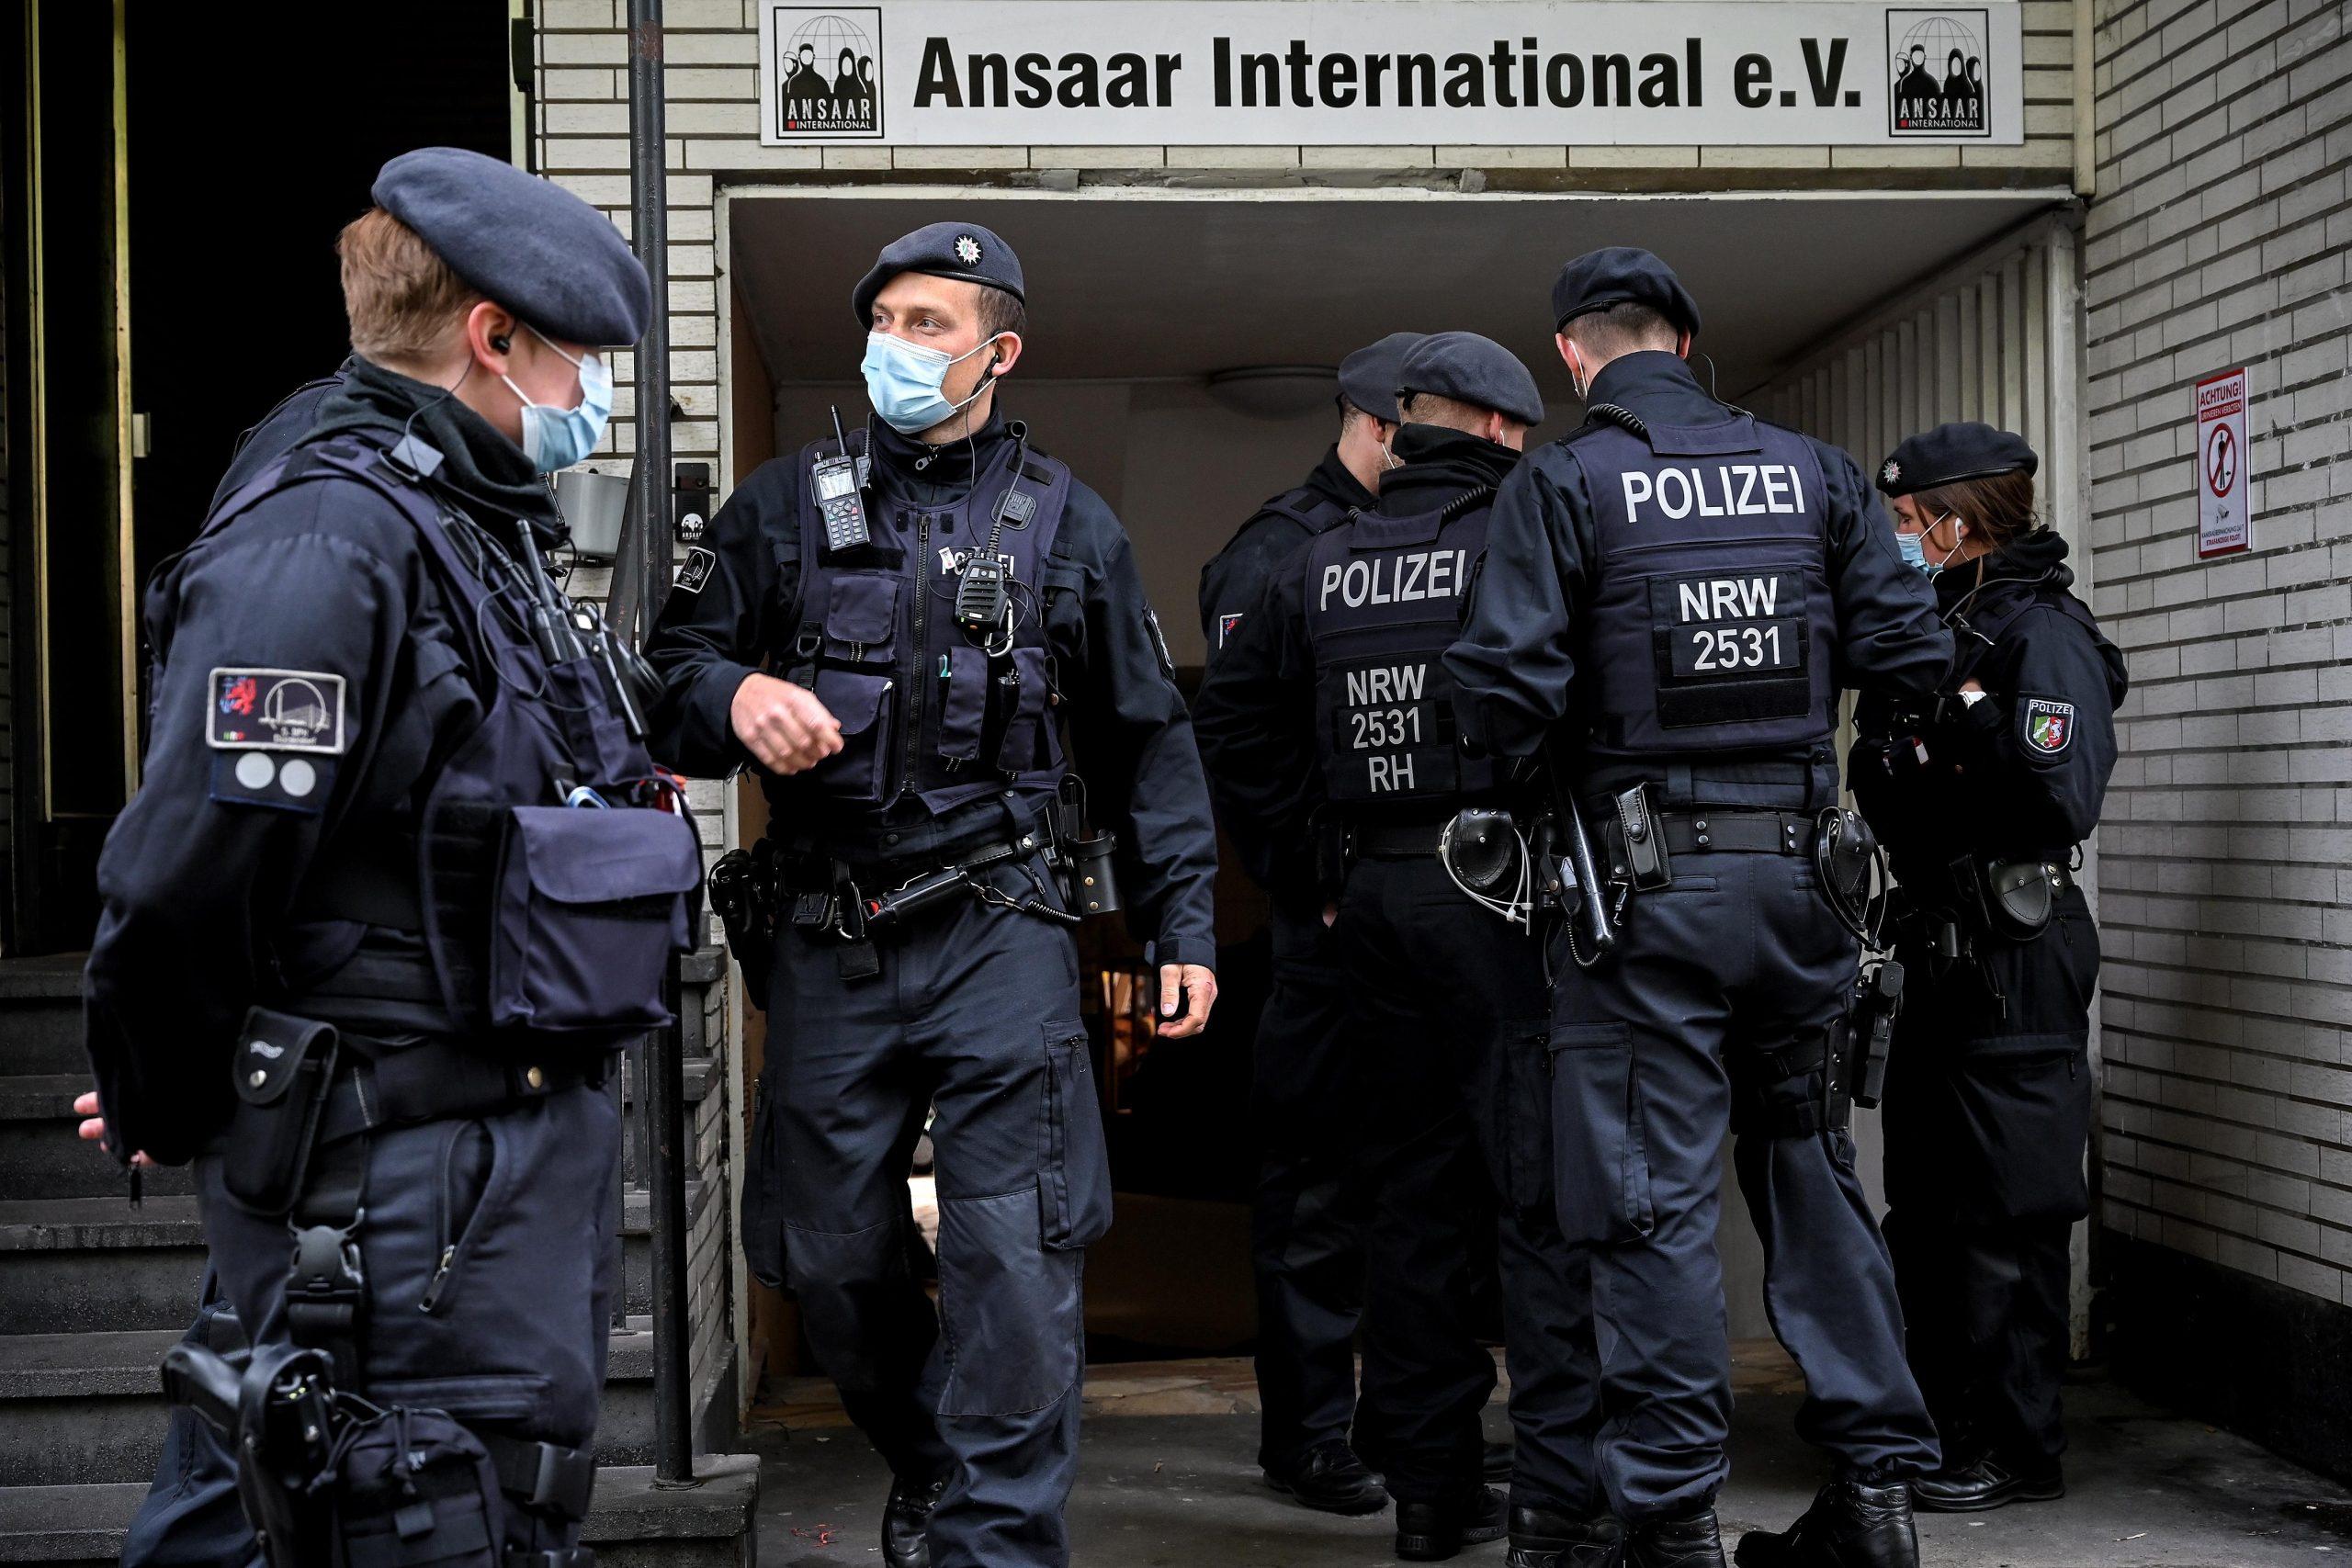 مكافحة الإرهاب في ألمانيا ـ إحباط عمليات إرهابية